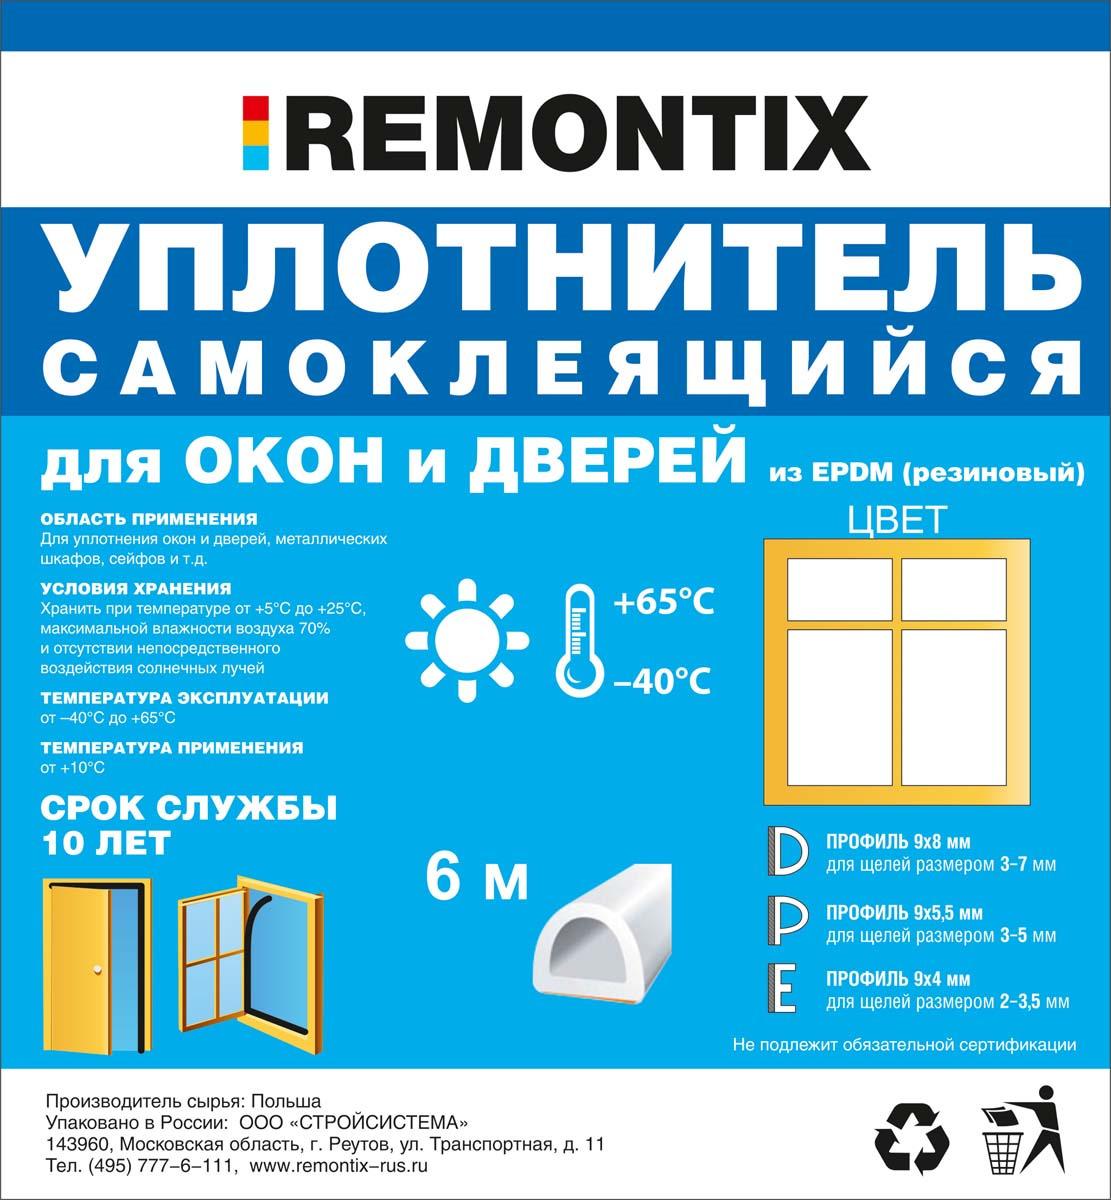 Уплотнитель для окон, дверей и мебели Remontix, профиль D, цвет: белый, 6 м